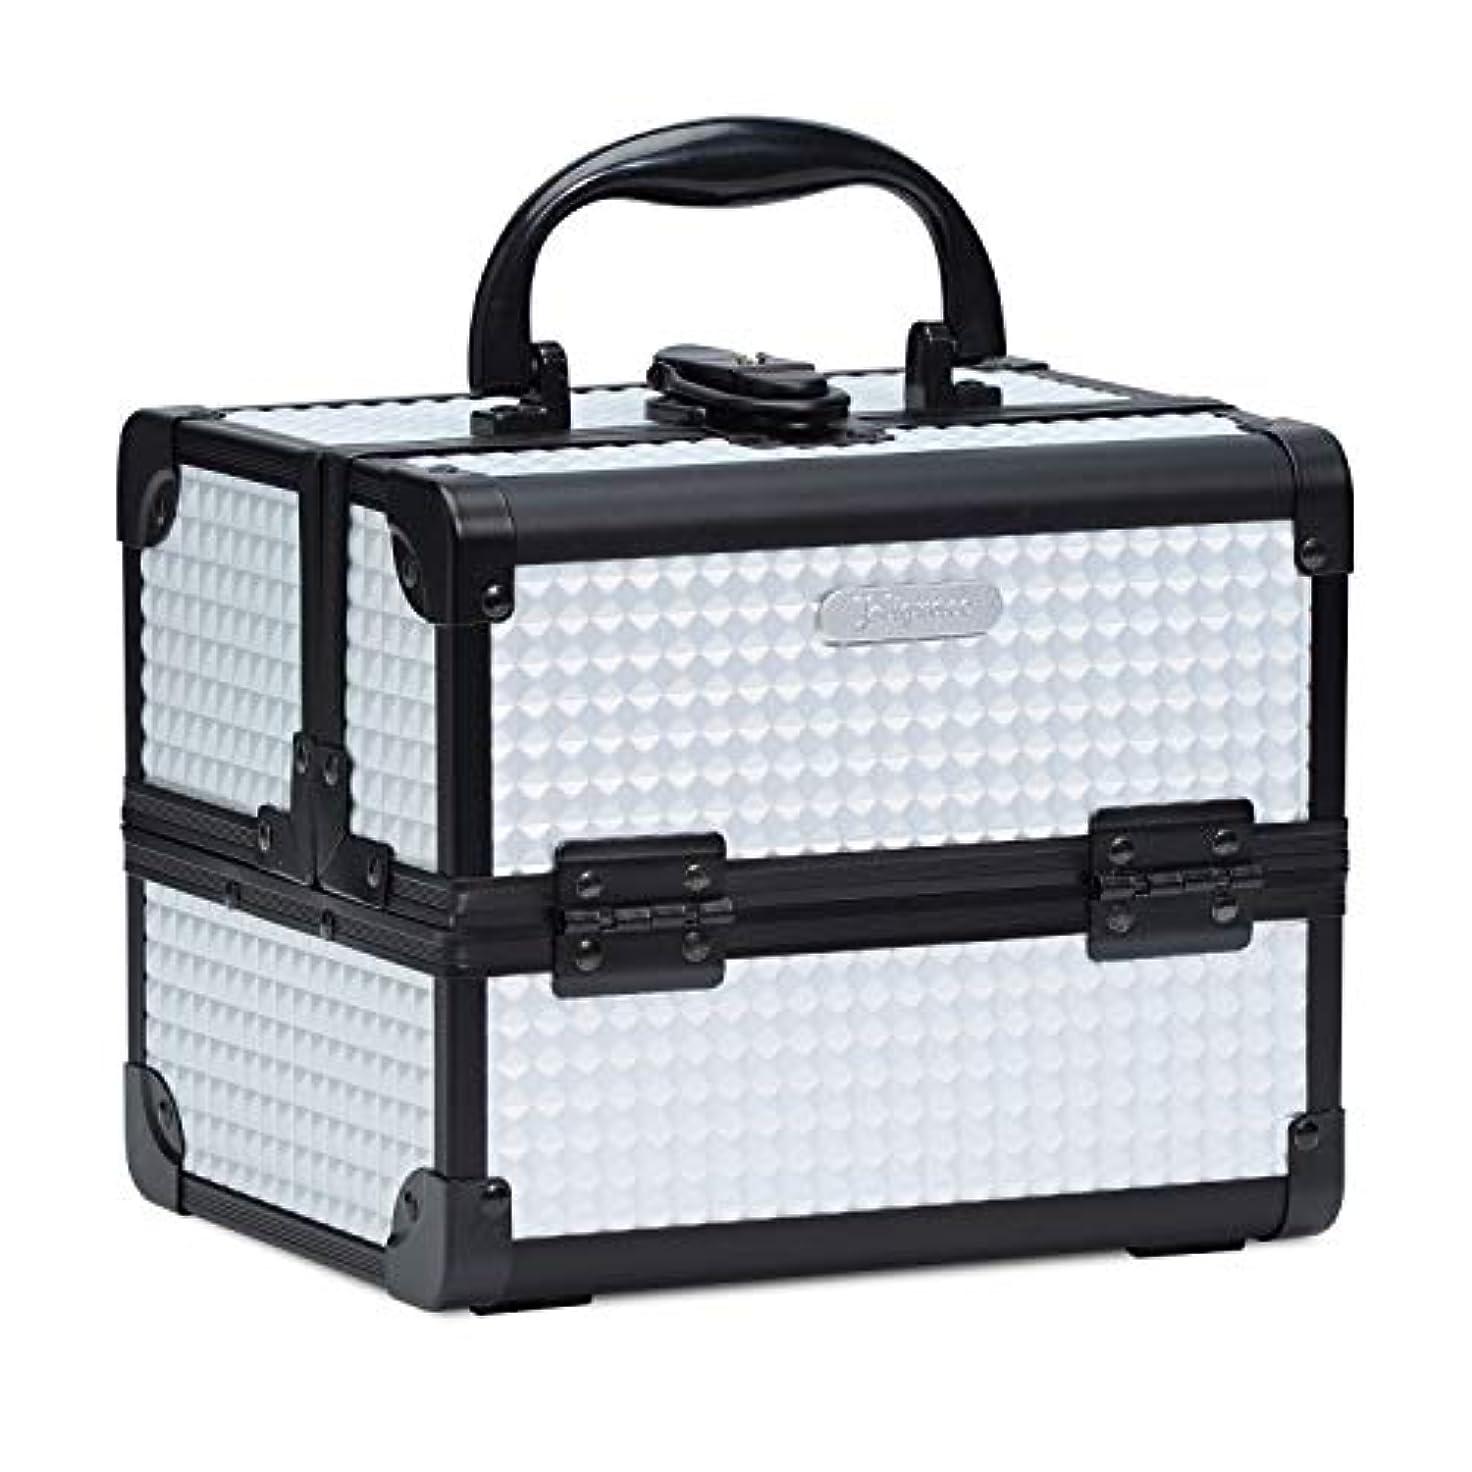 武装解除メジャー複製するHapilife コスメボックス 鏡付き スライドトレイ メイク用品収納 プロ仕様 小型 化粧箱